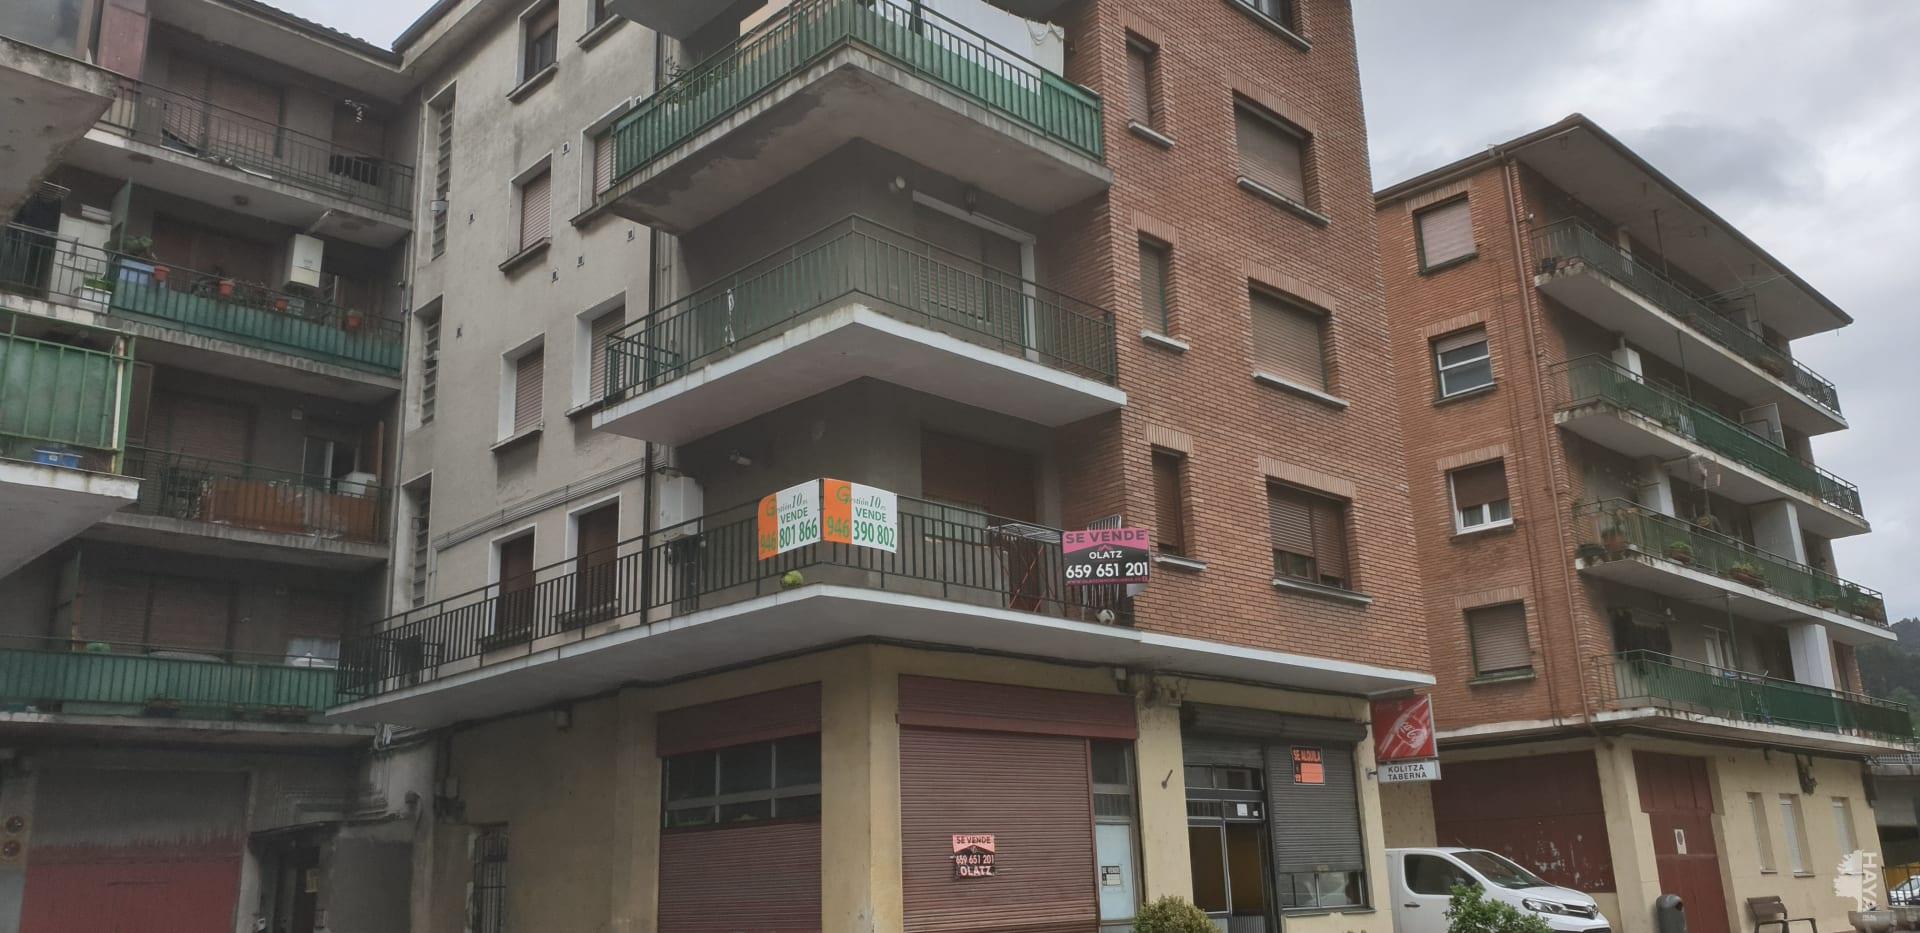 Piso en venta en Pandonzales, Balmaseda, Vizcaya, Avenida Encartaciones, 114.505 €, 3 habitaciones, 1 baño, 68 m2